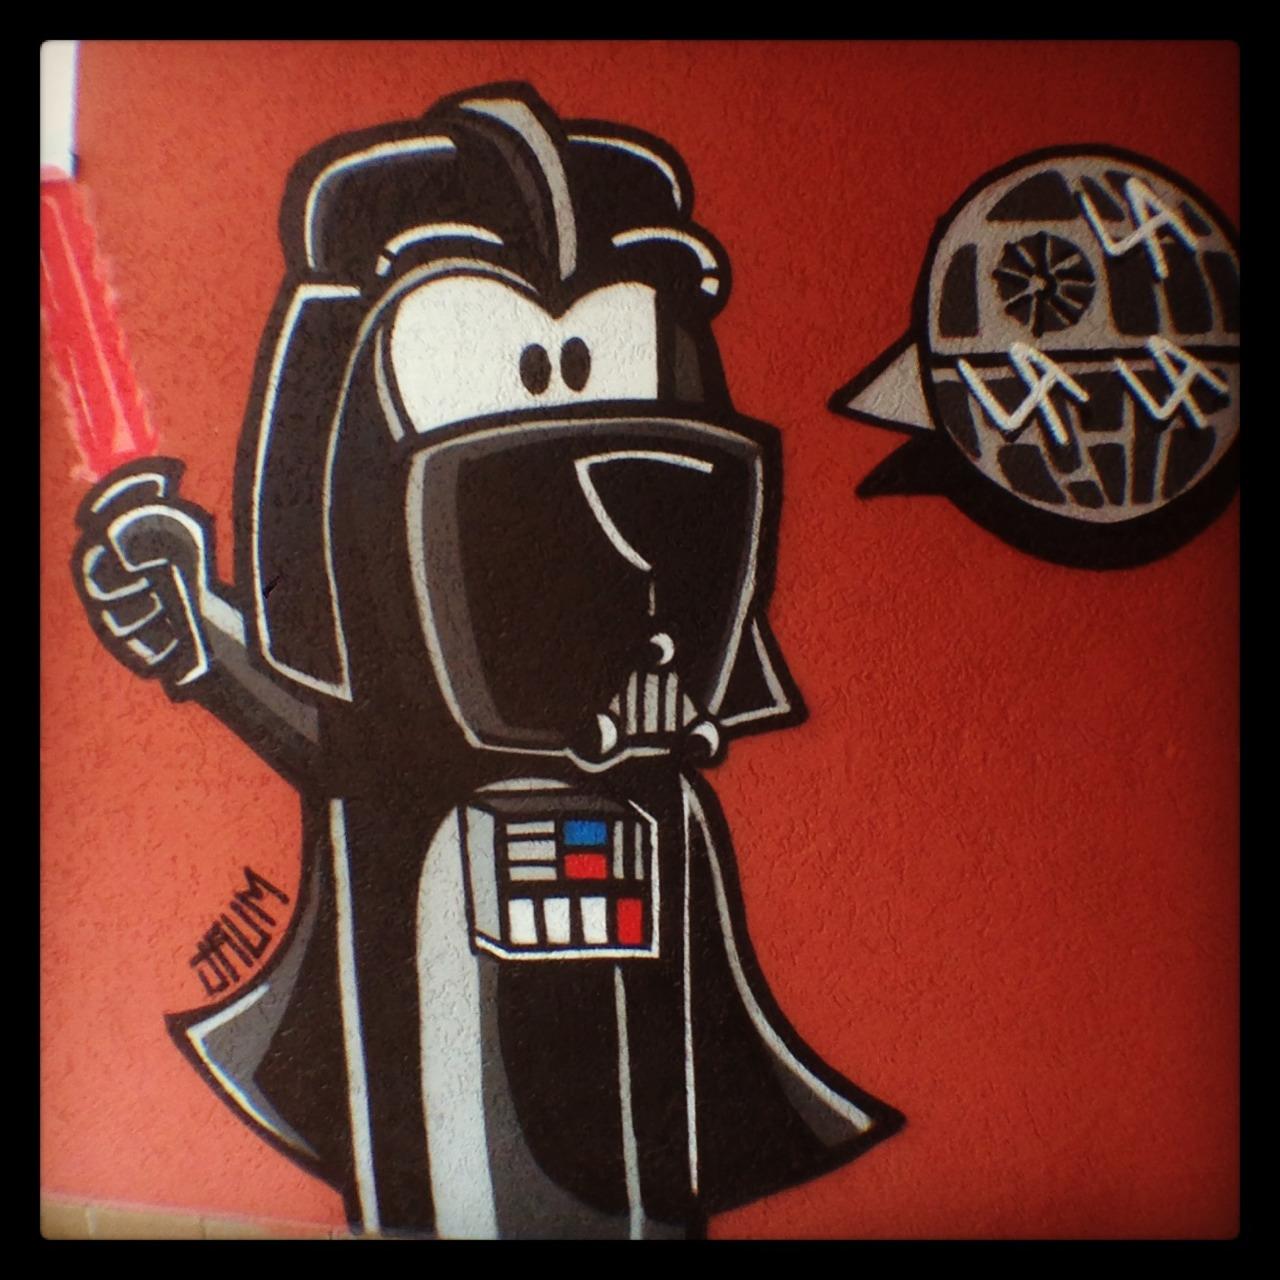 La La La Dog passa para o lado negro da força e encarna Darth Vader em uma lanchonete.